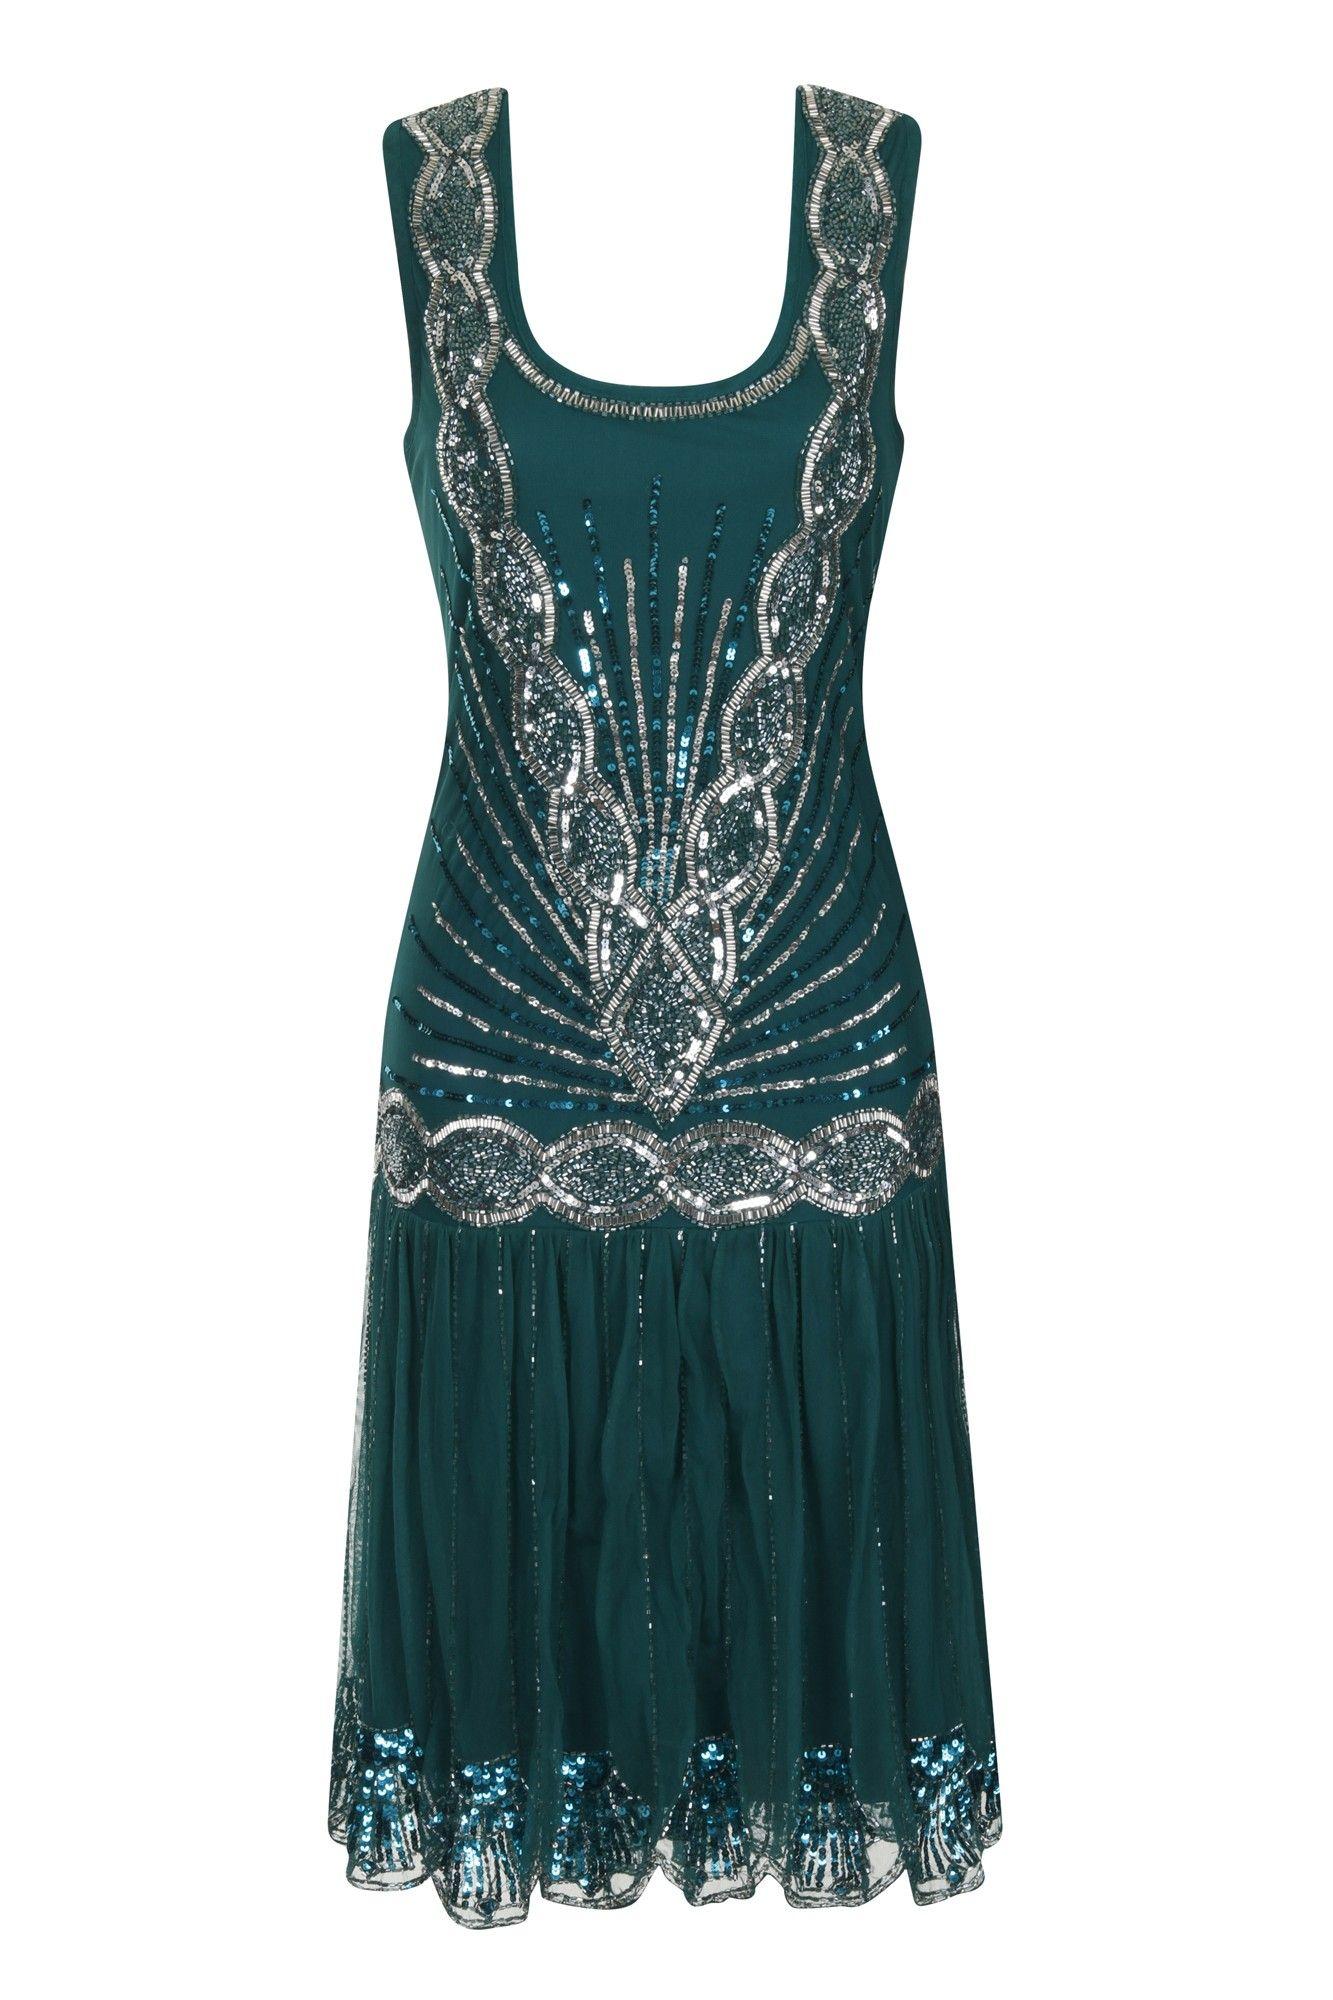 Dresses Og Dress Dresses Zelda Fashion Couture Flapper 20s Emerald qBRFR4